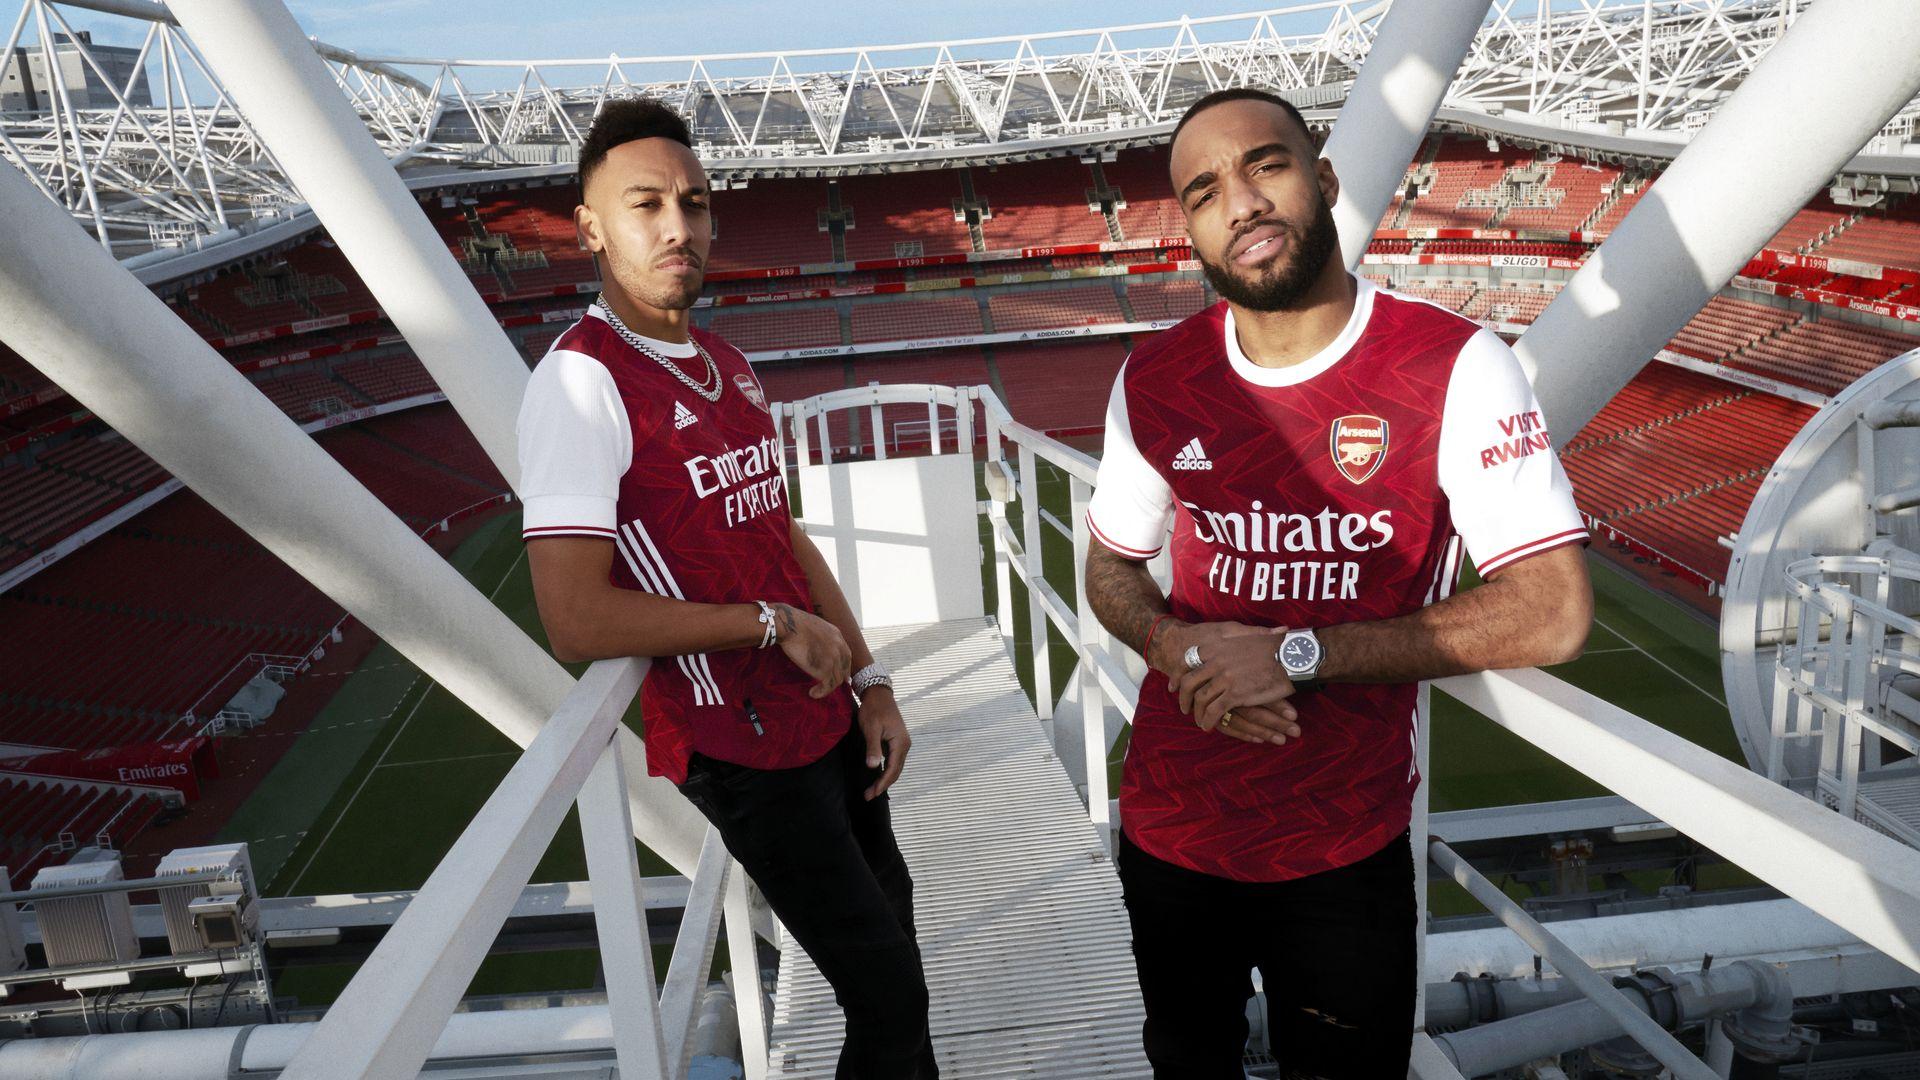 Officiel - Le nouveau maillot domicile d'Arsenal